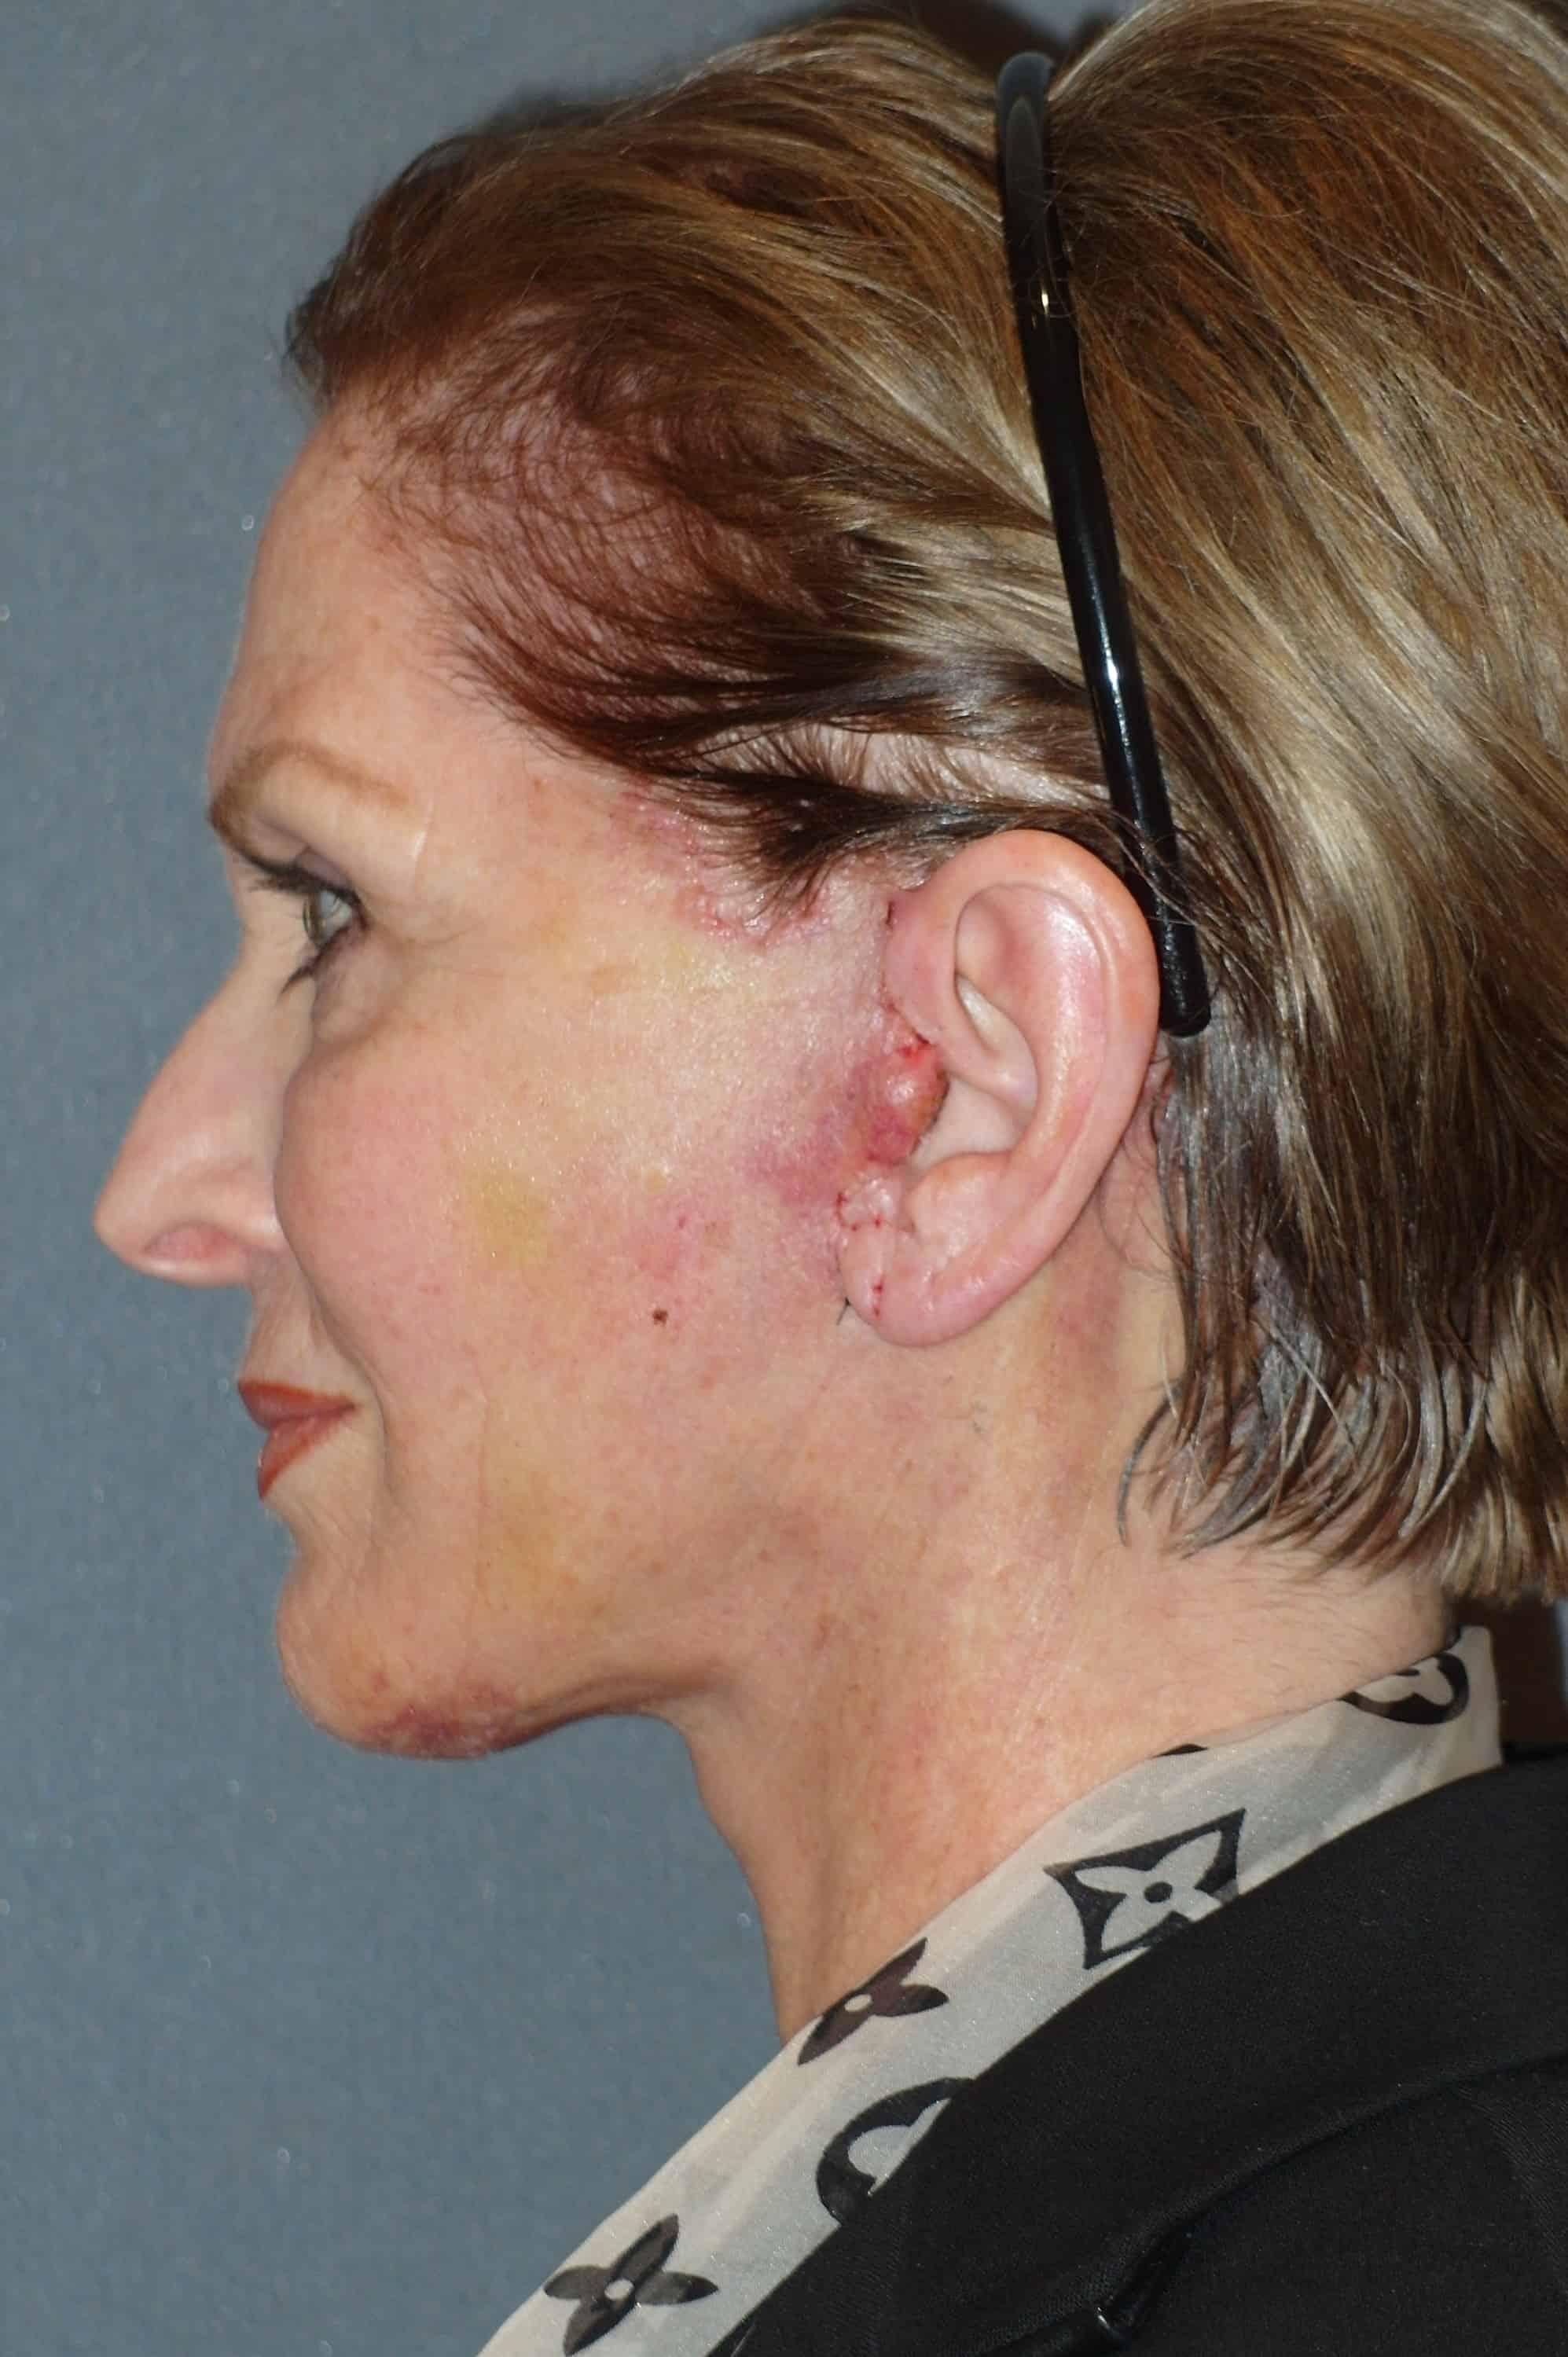 Post Lift: Post Neck Lift Swelling